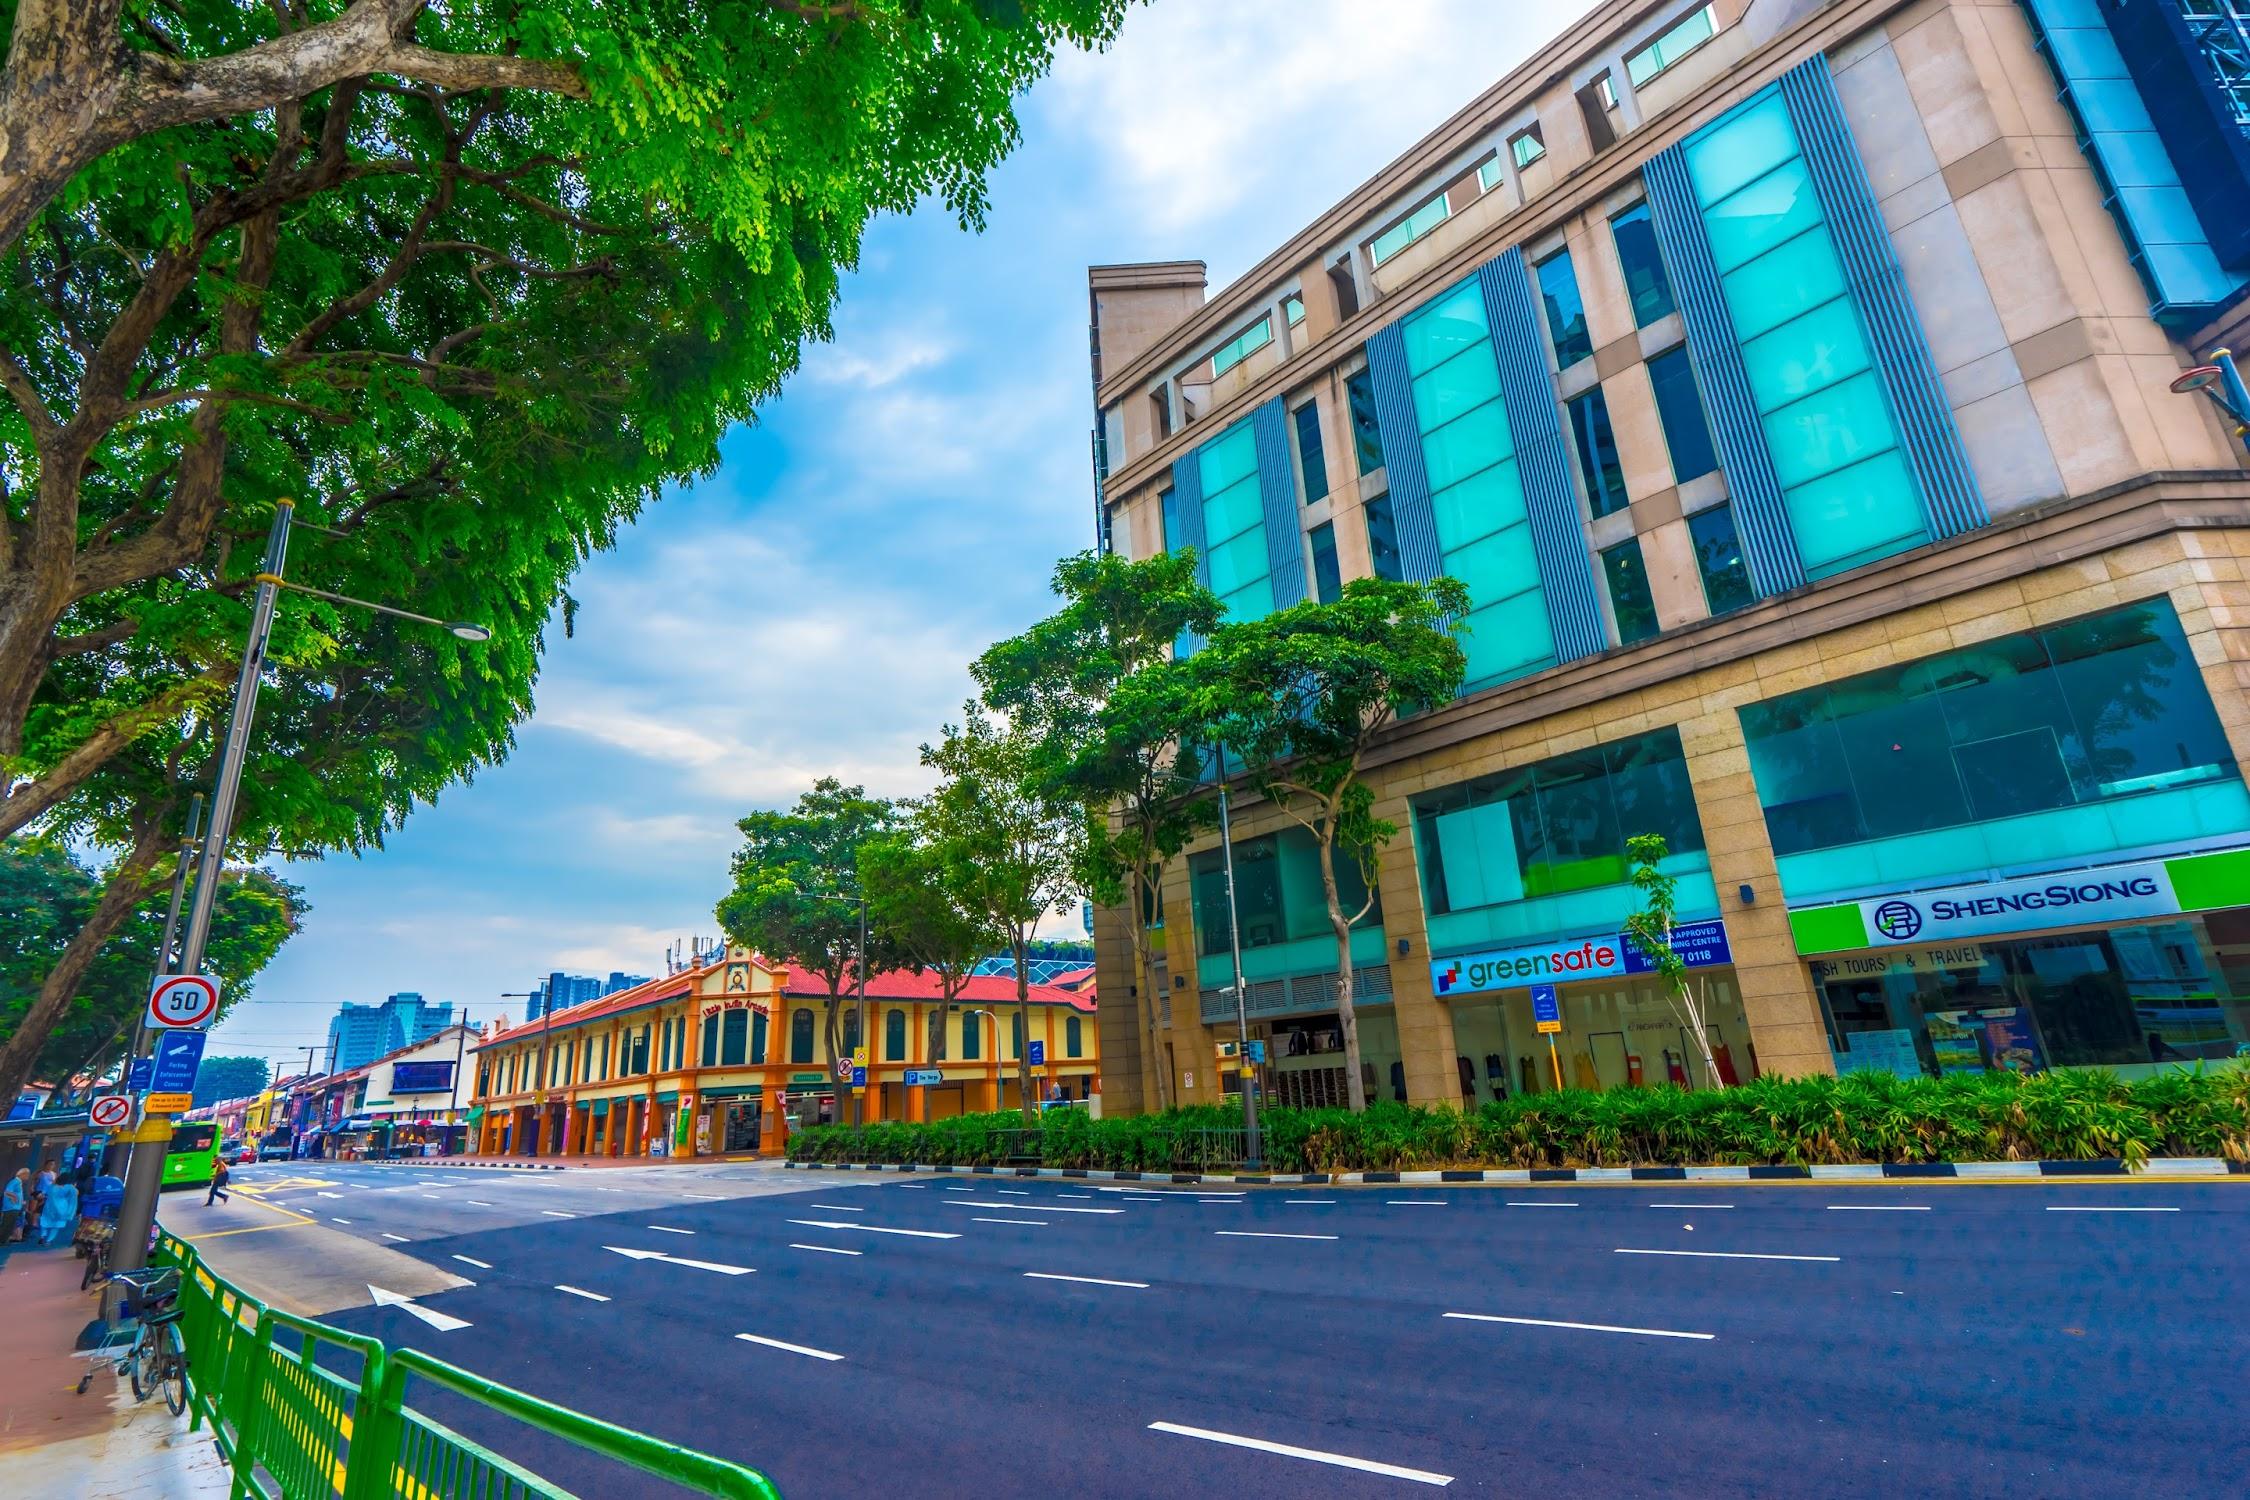 シンガポール リトル・インディア1